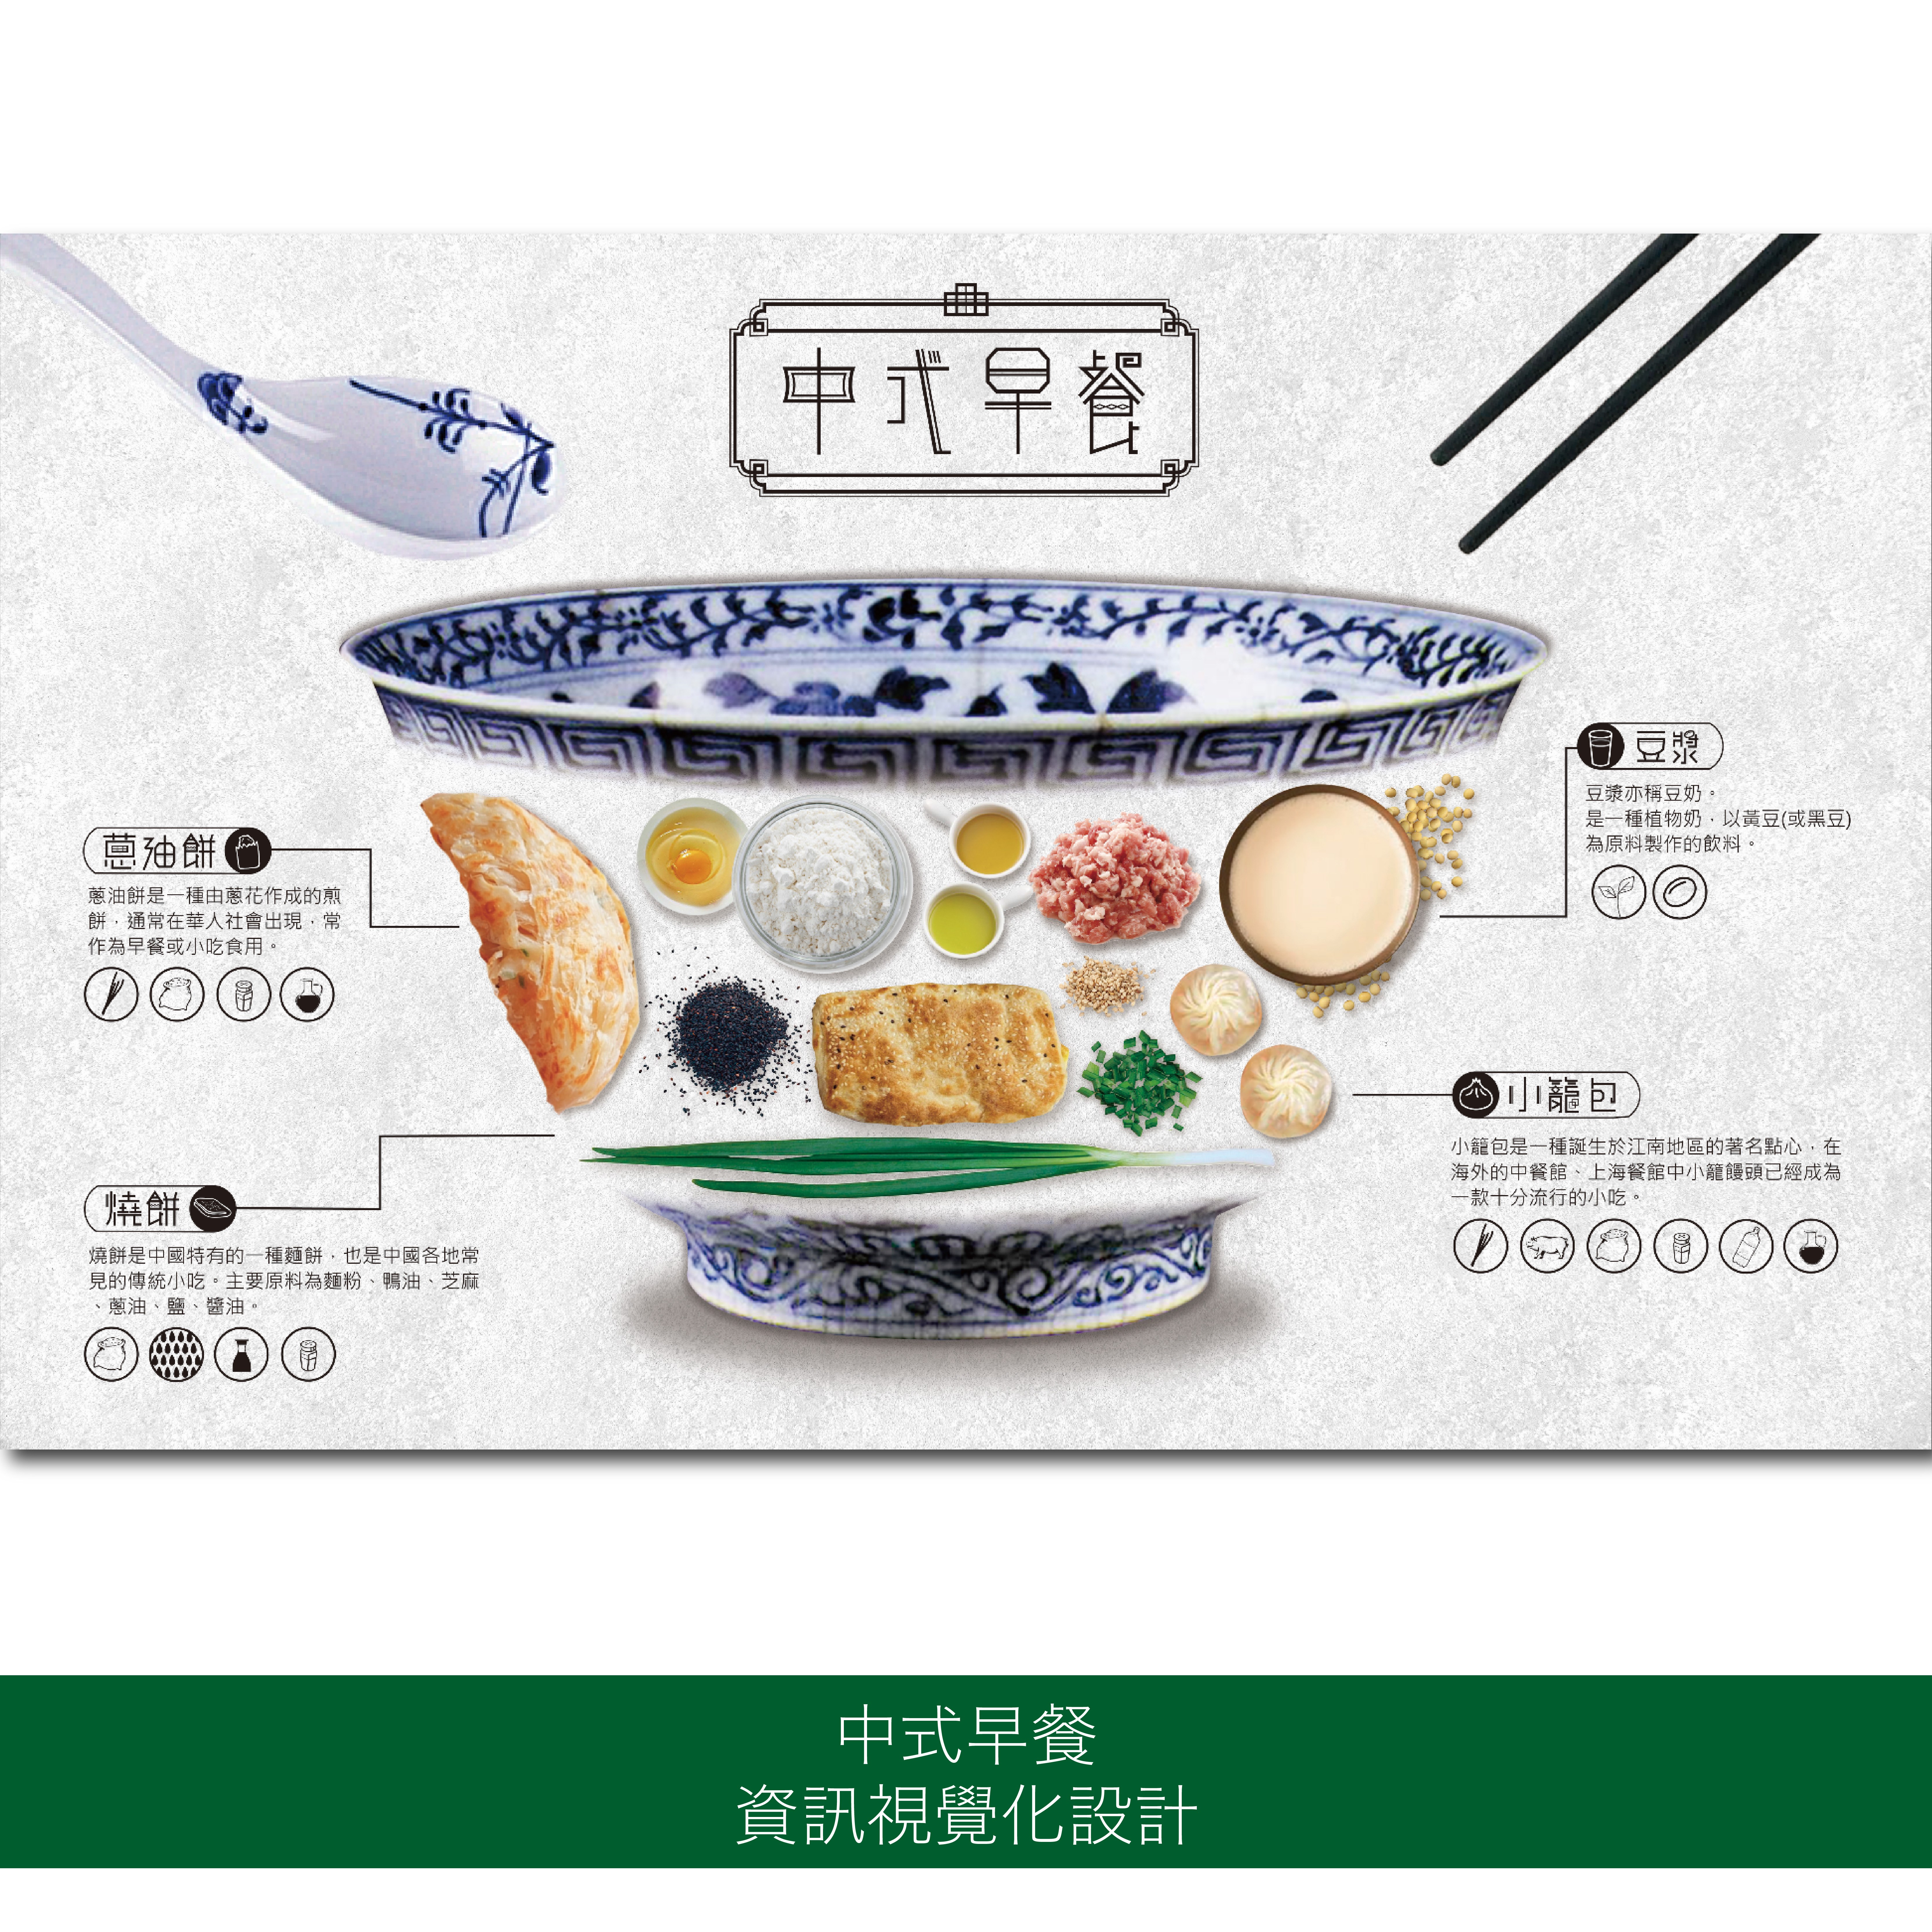 中式早餐資訊圖像化-ImPossible